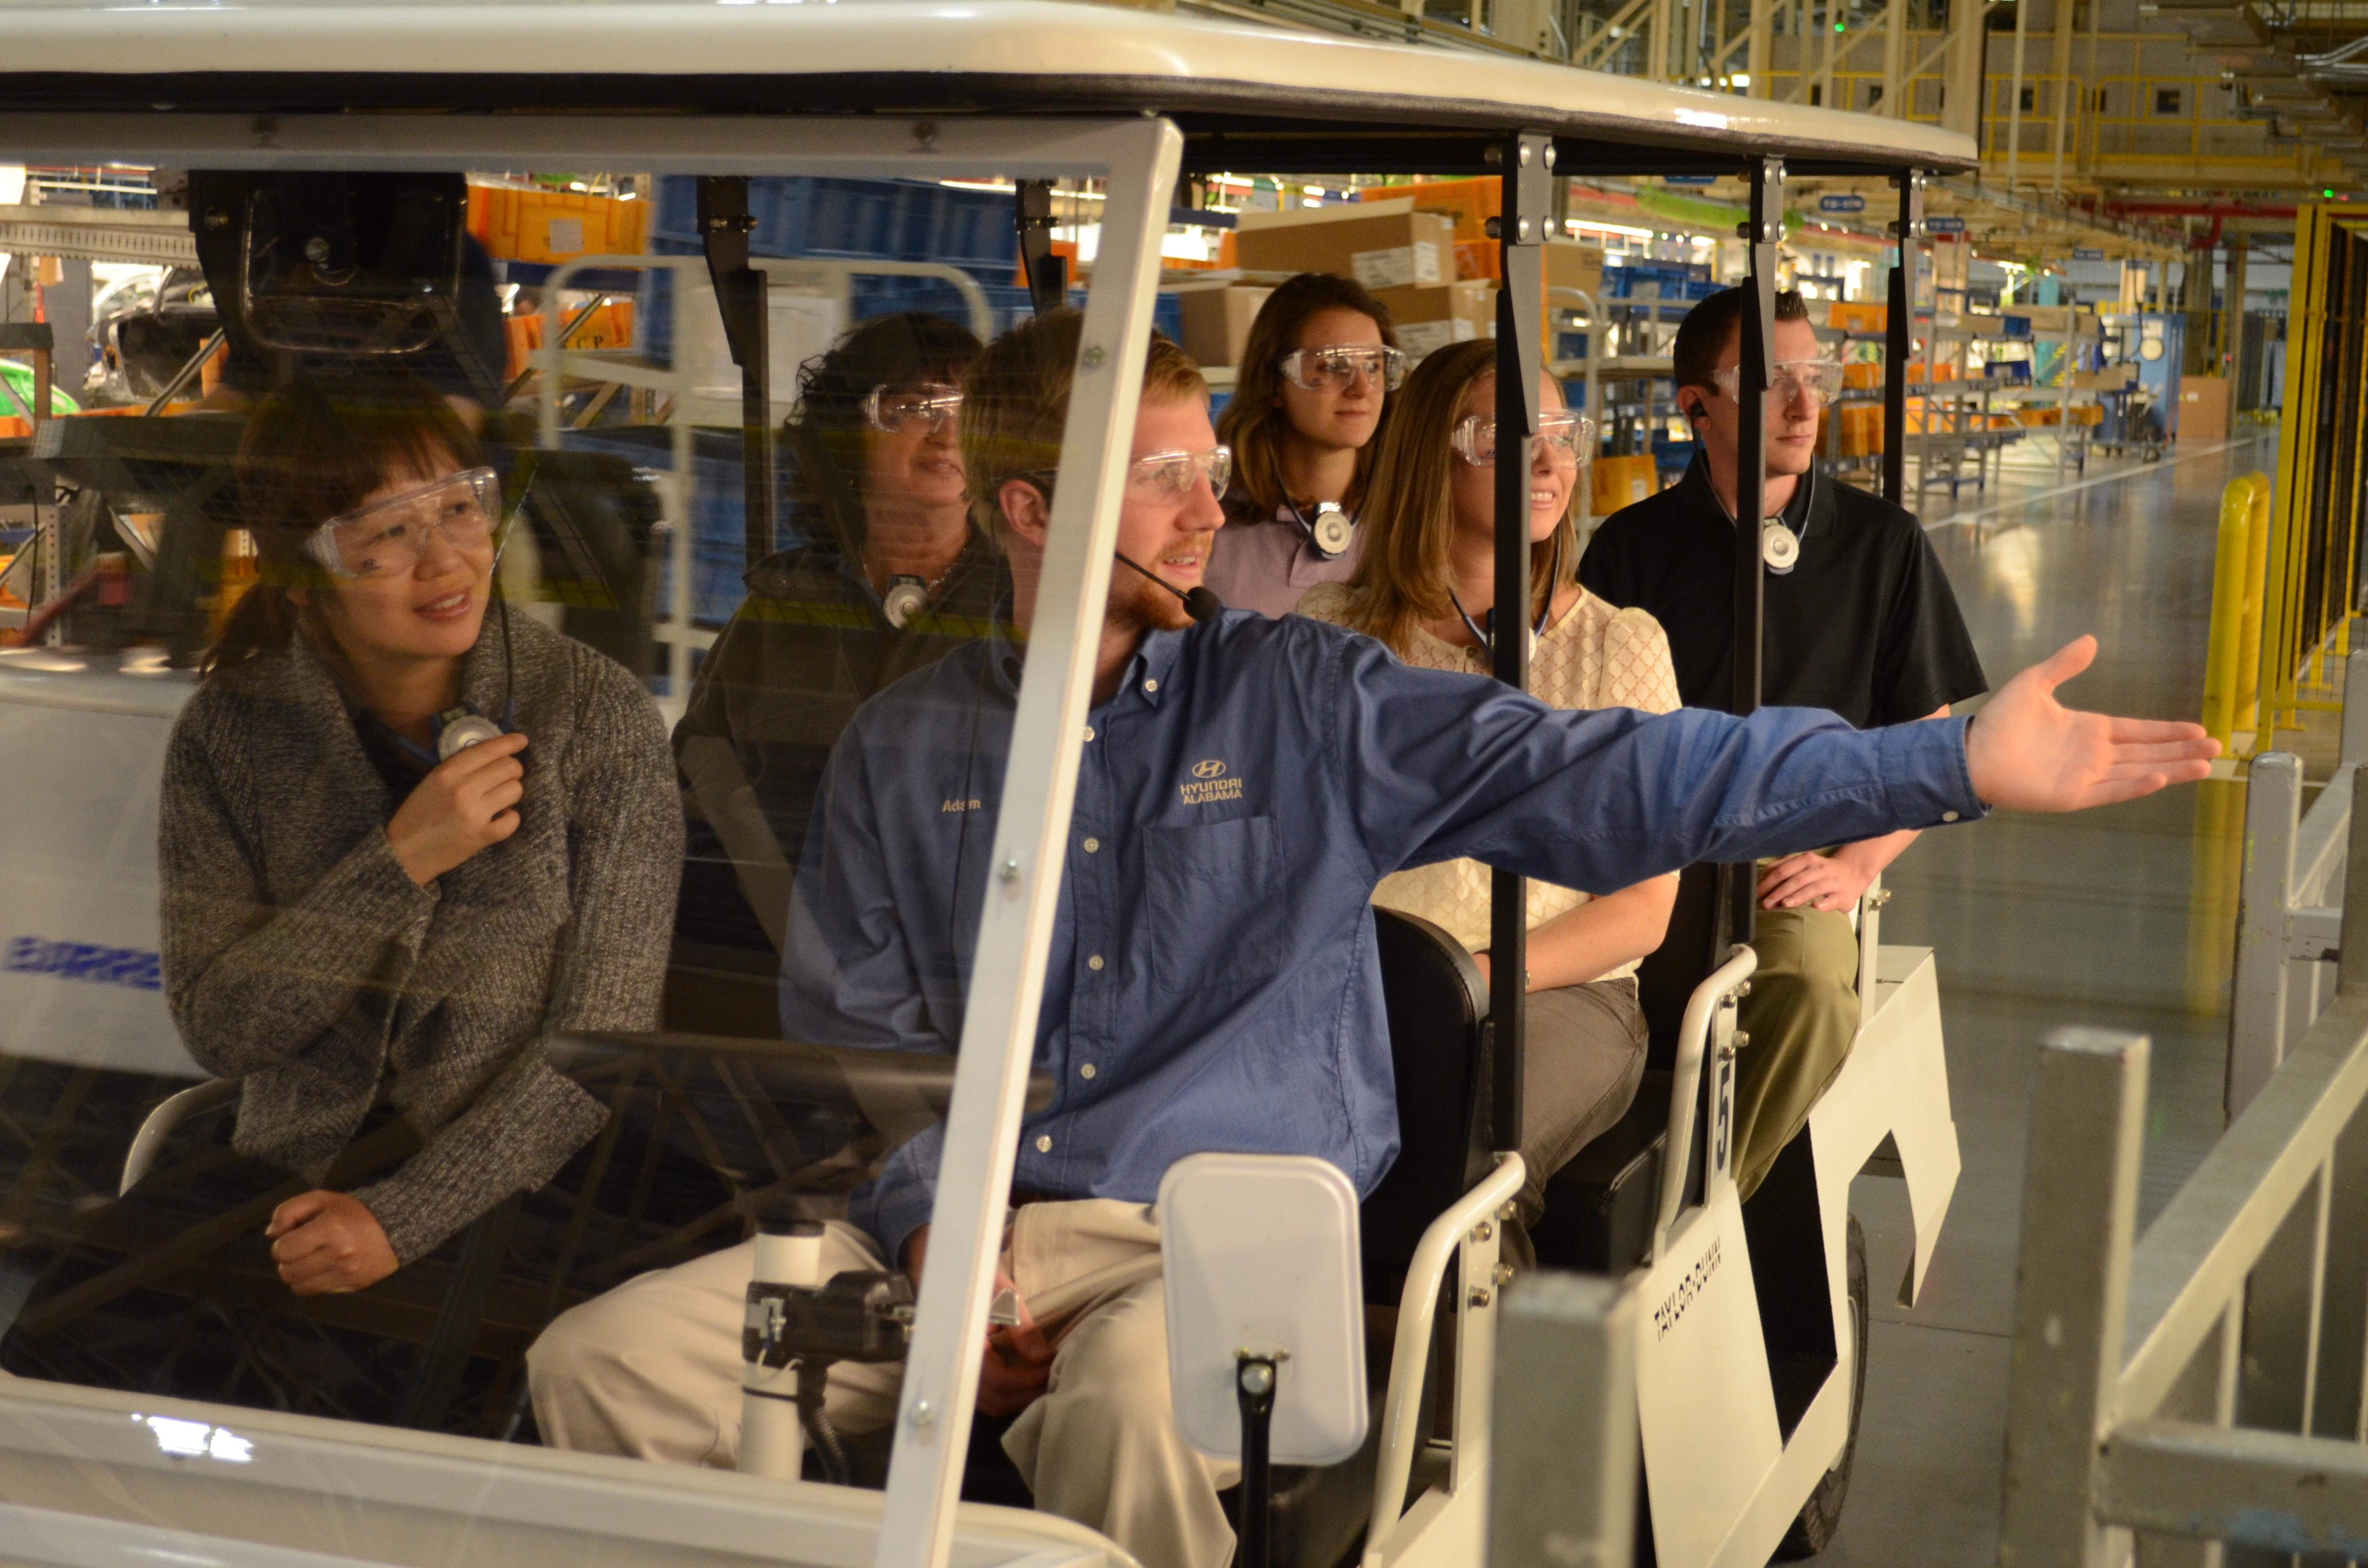 Hyundai Of Louisville >> About Hyundai Motor Manufacturing Alabama (HMMA) Tours | Hyundai Motor Manufacturing Alabama,LLC.